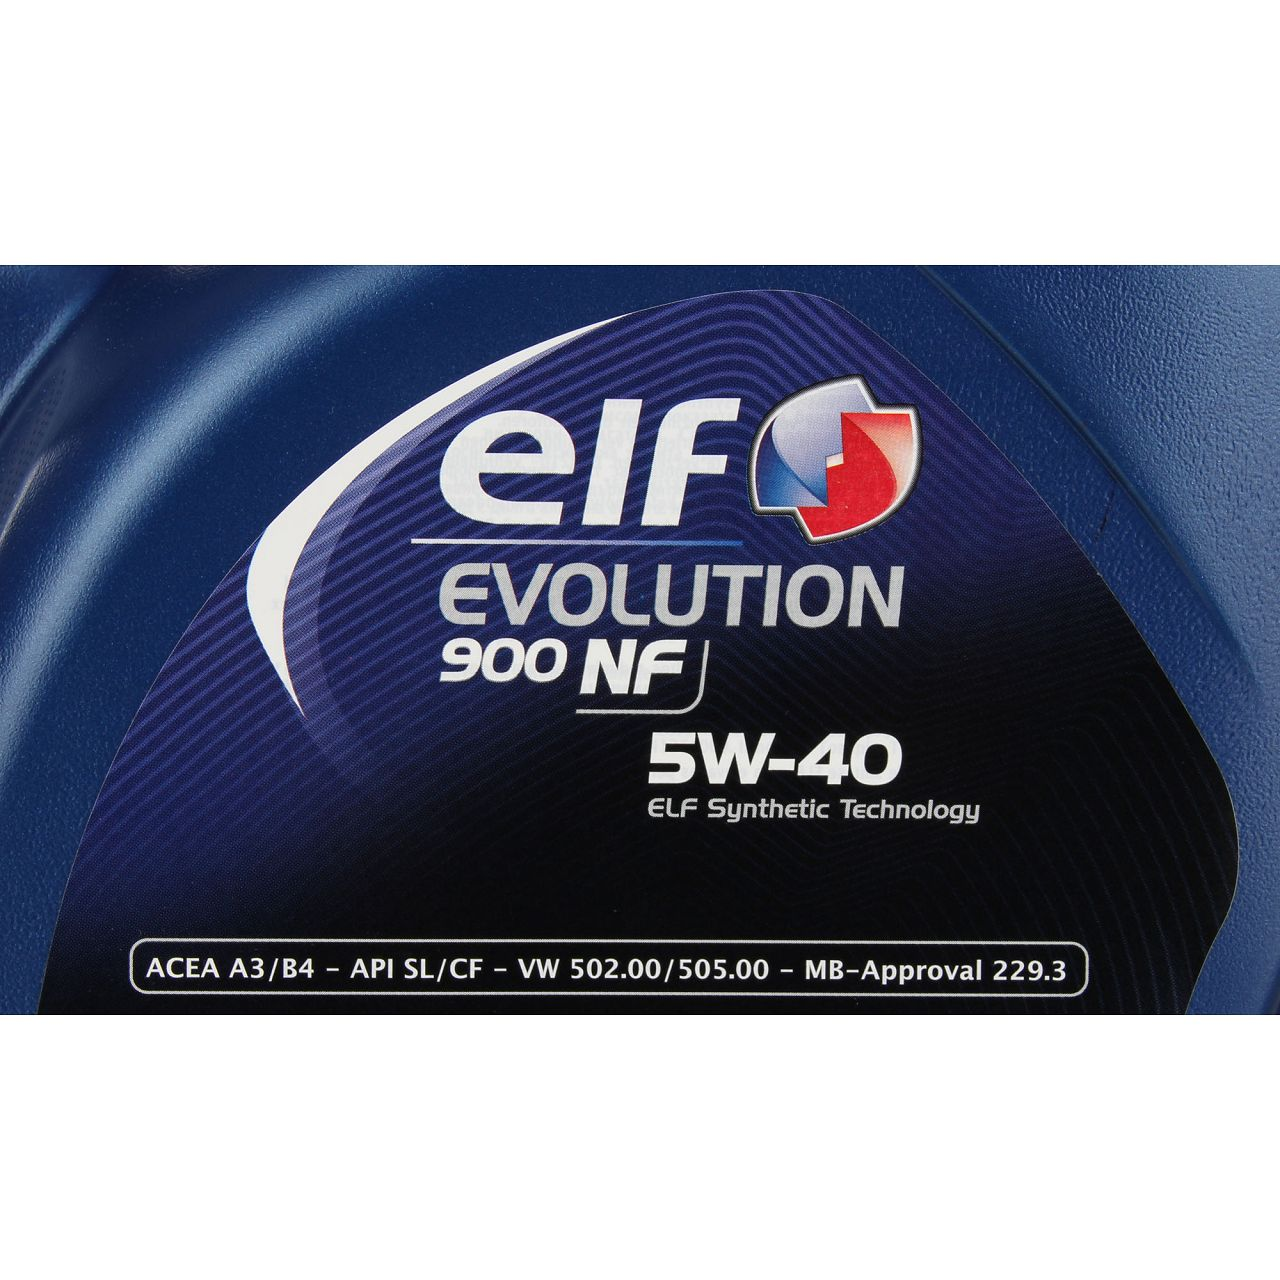 elf Evolution 900 NF 5W-40 Motoröl VW 502.00/505.00 MERCEDES 229.3 - 5L 5 Liter